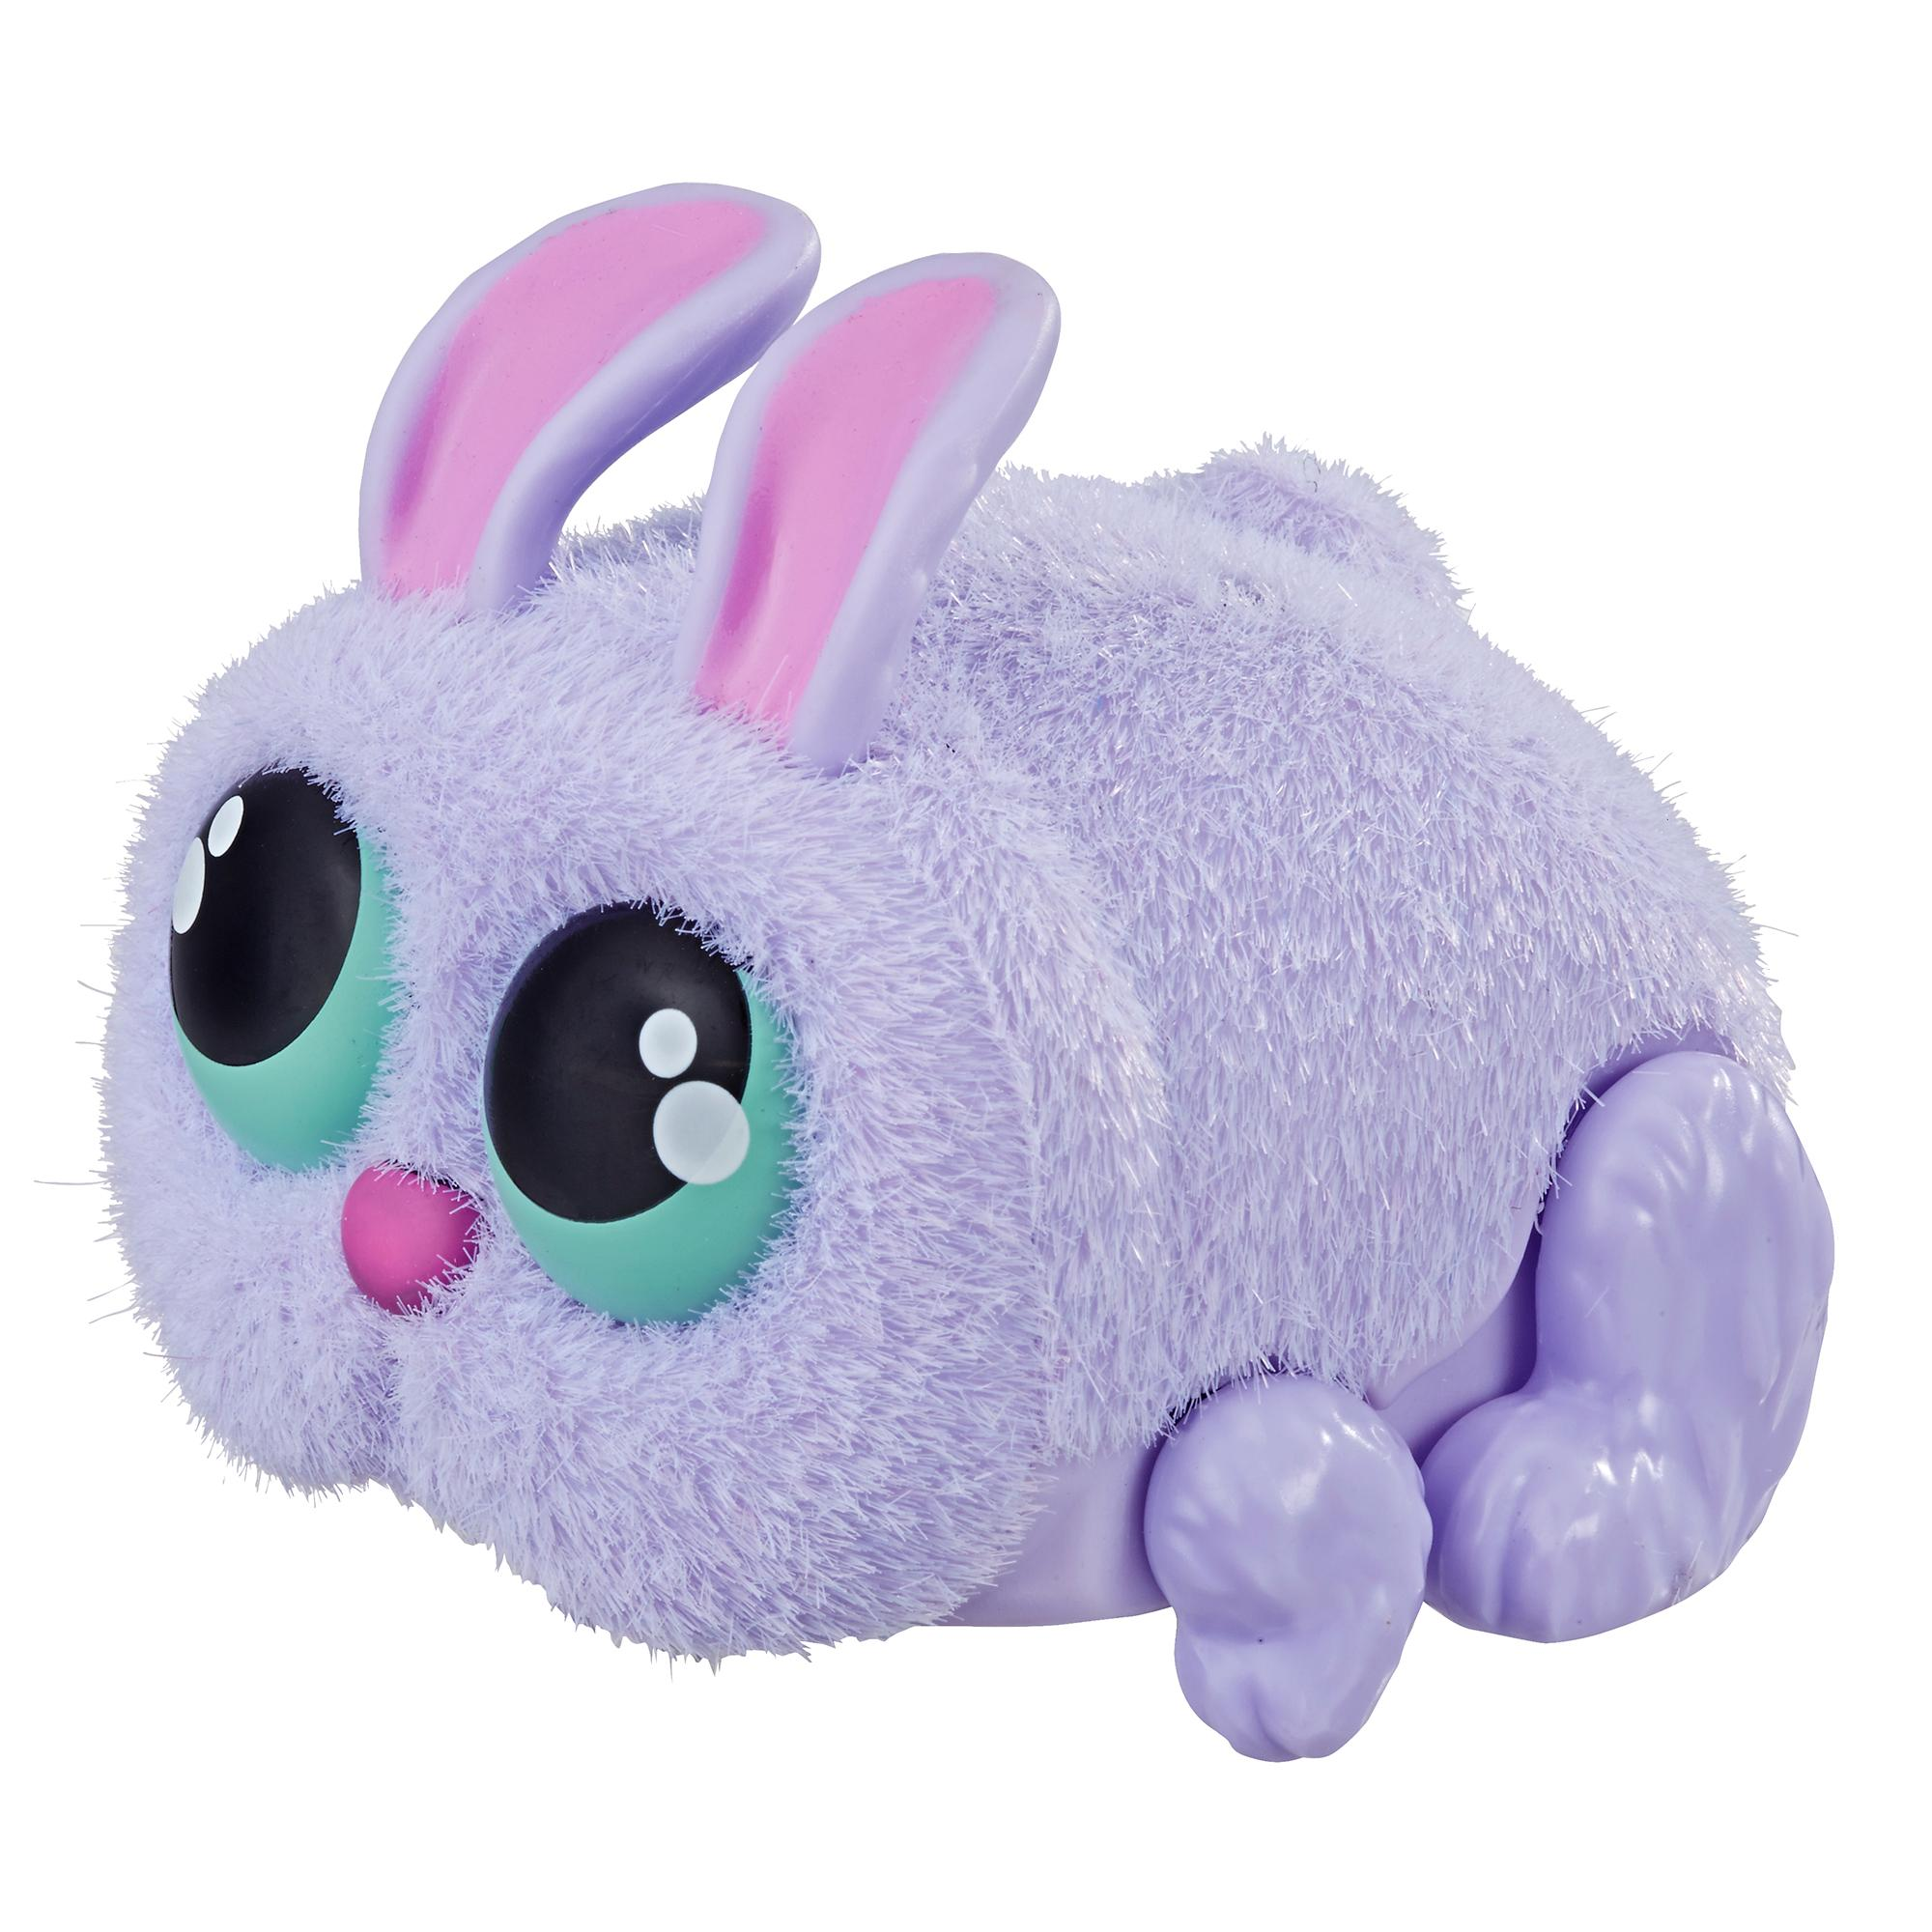 กระต่ายของเล่นทำงานตามคำสั่งเสียงชื่อฟลัฟเฟอร์เทลจากเยลลี่ส์! สำหรับเด็กอายุตั้งแต่ 5 ปีขึ้นไป